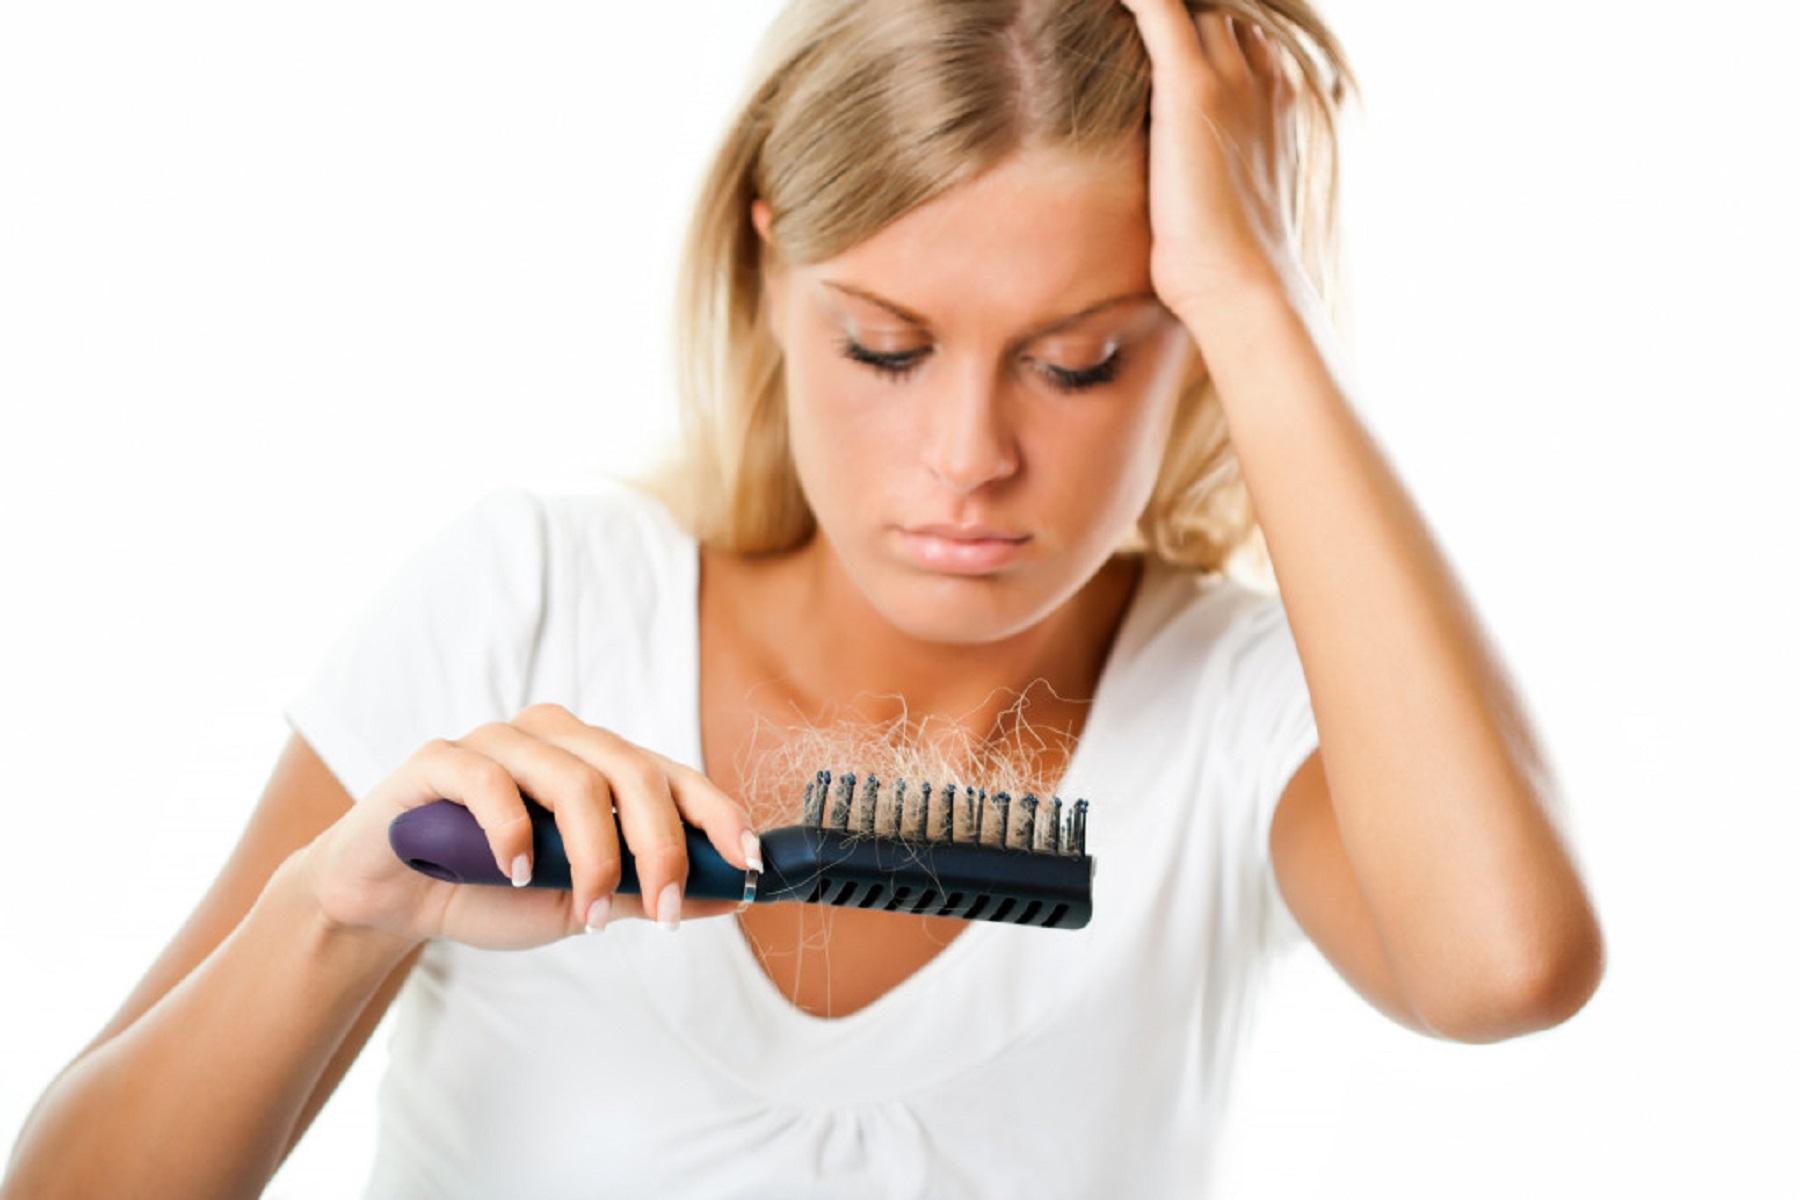 Μαλλιά Τριχόπτωση: Ποιο πρόβλημα υποδηλώνεται – Τρόποι αντιμετώπισης